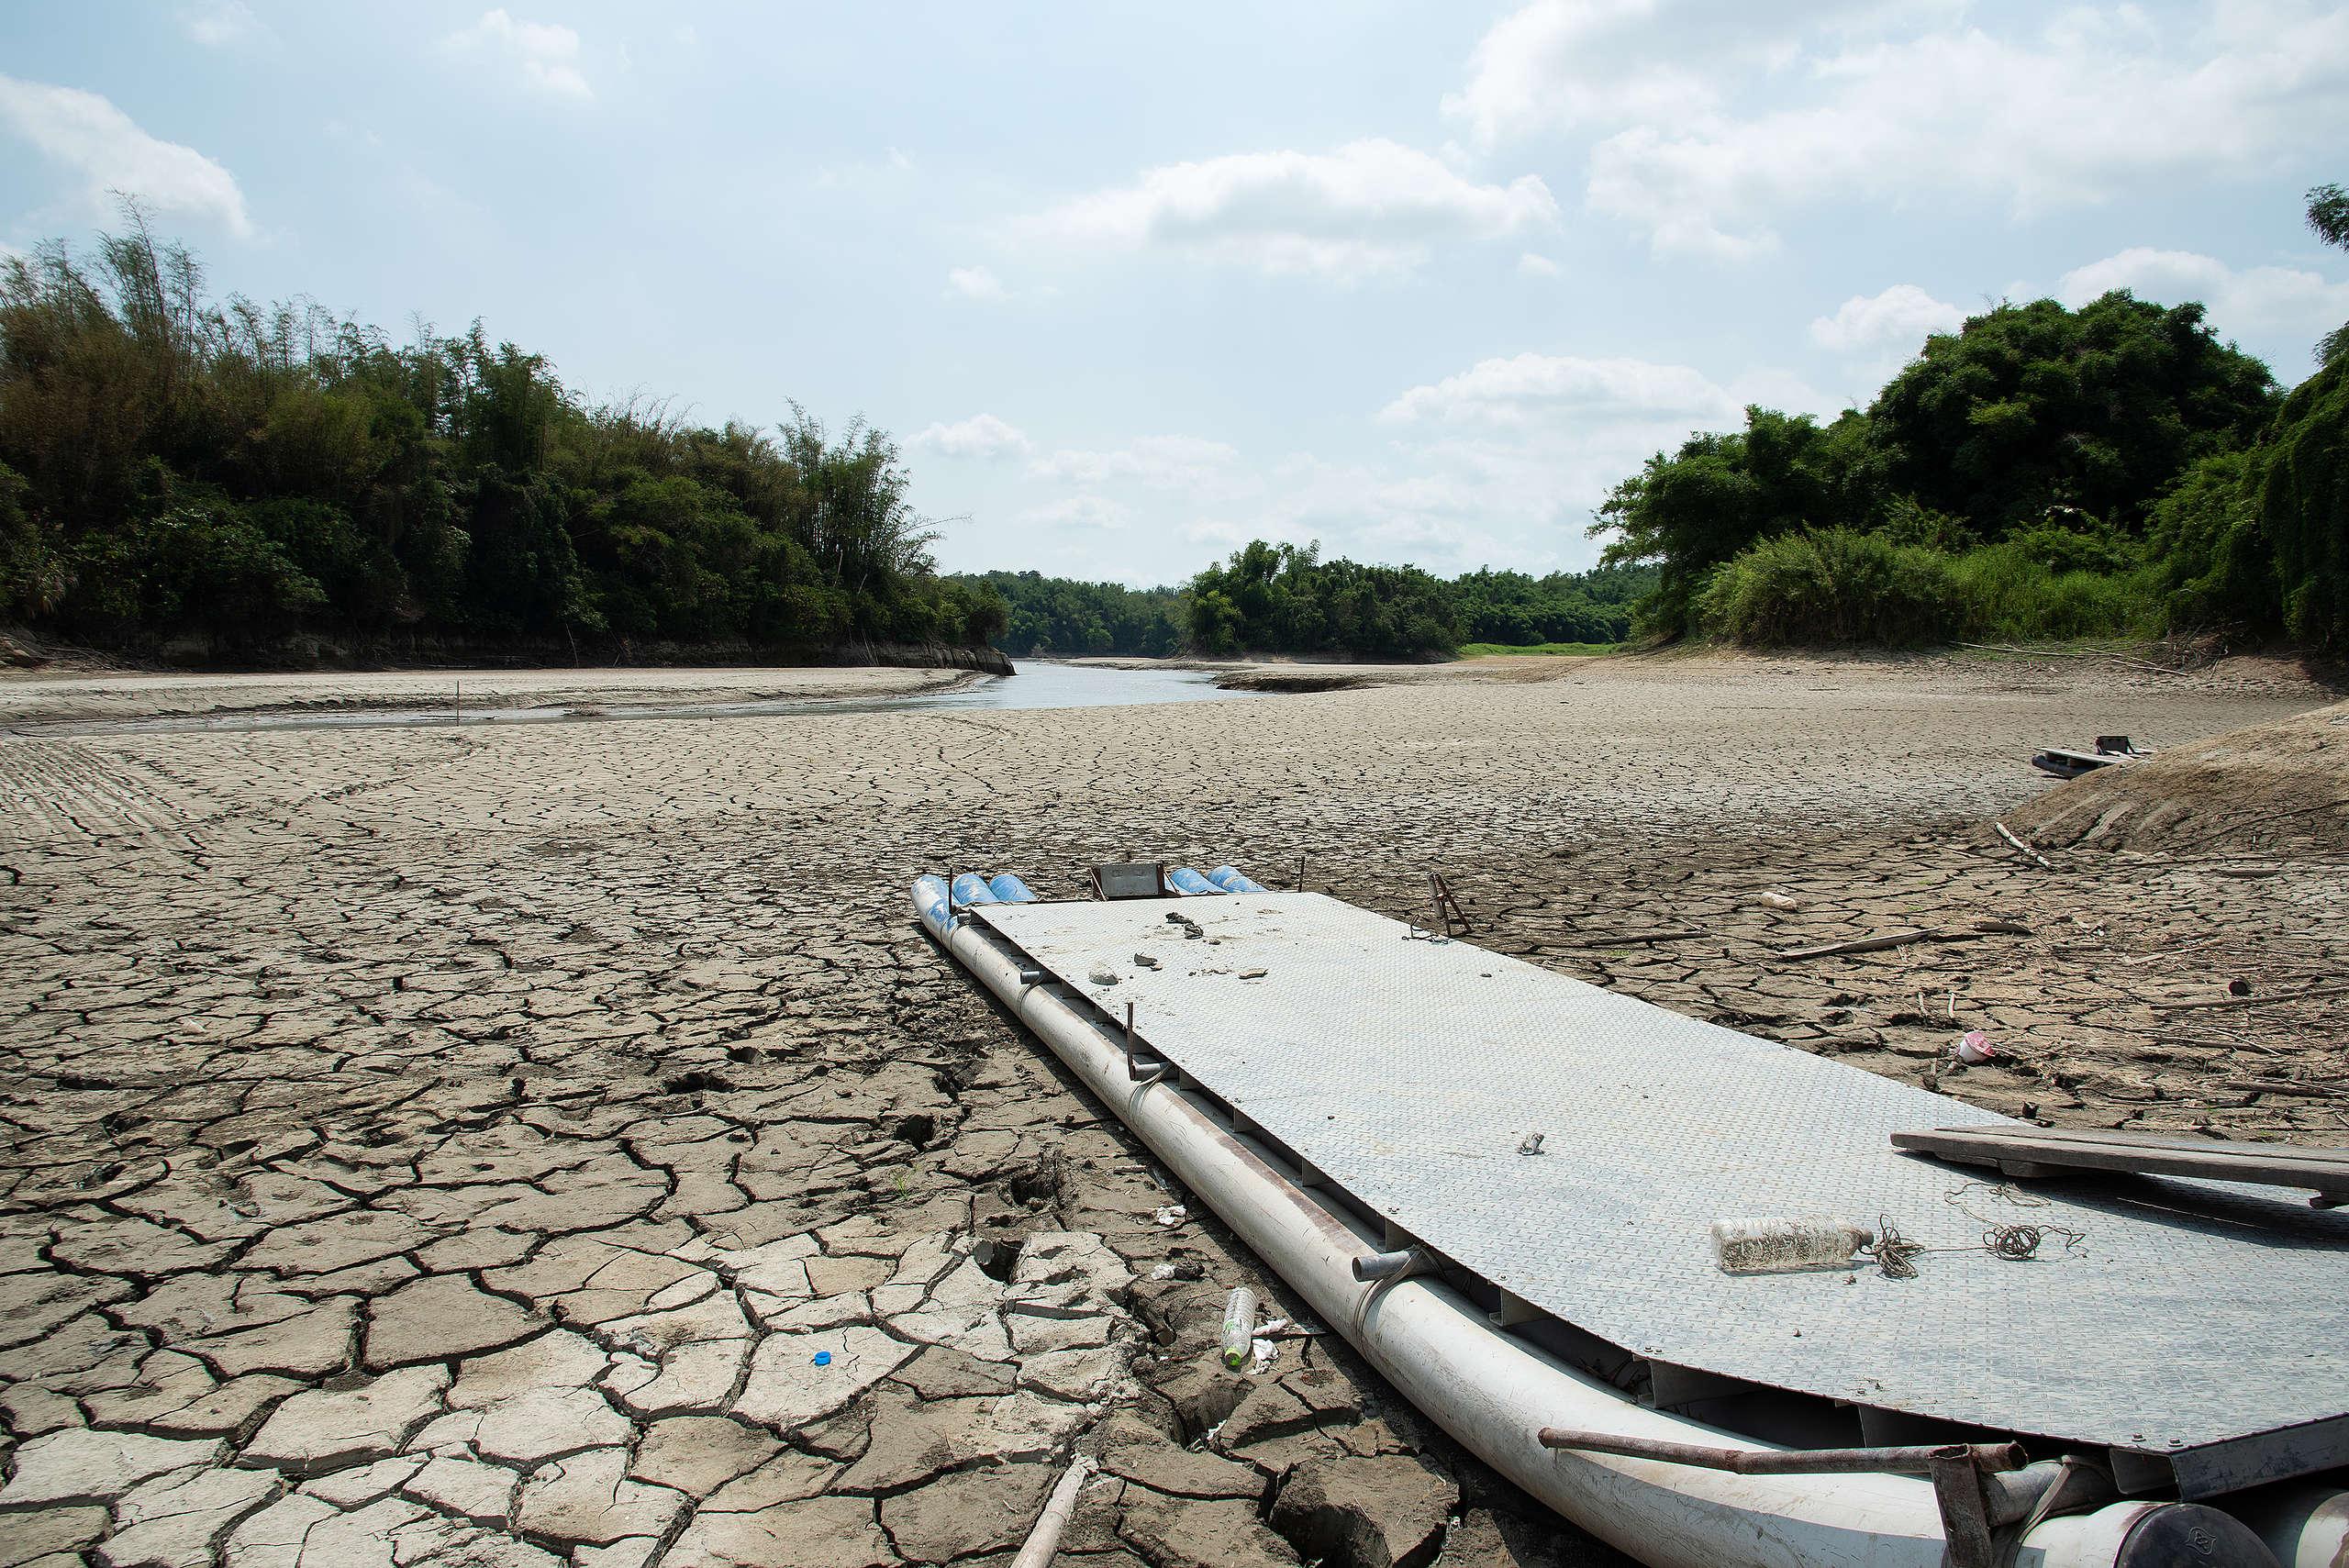 臺南市官田區的湖泊乾枯,出現一大片龜裂土地。